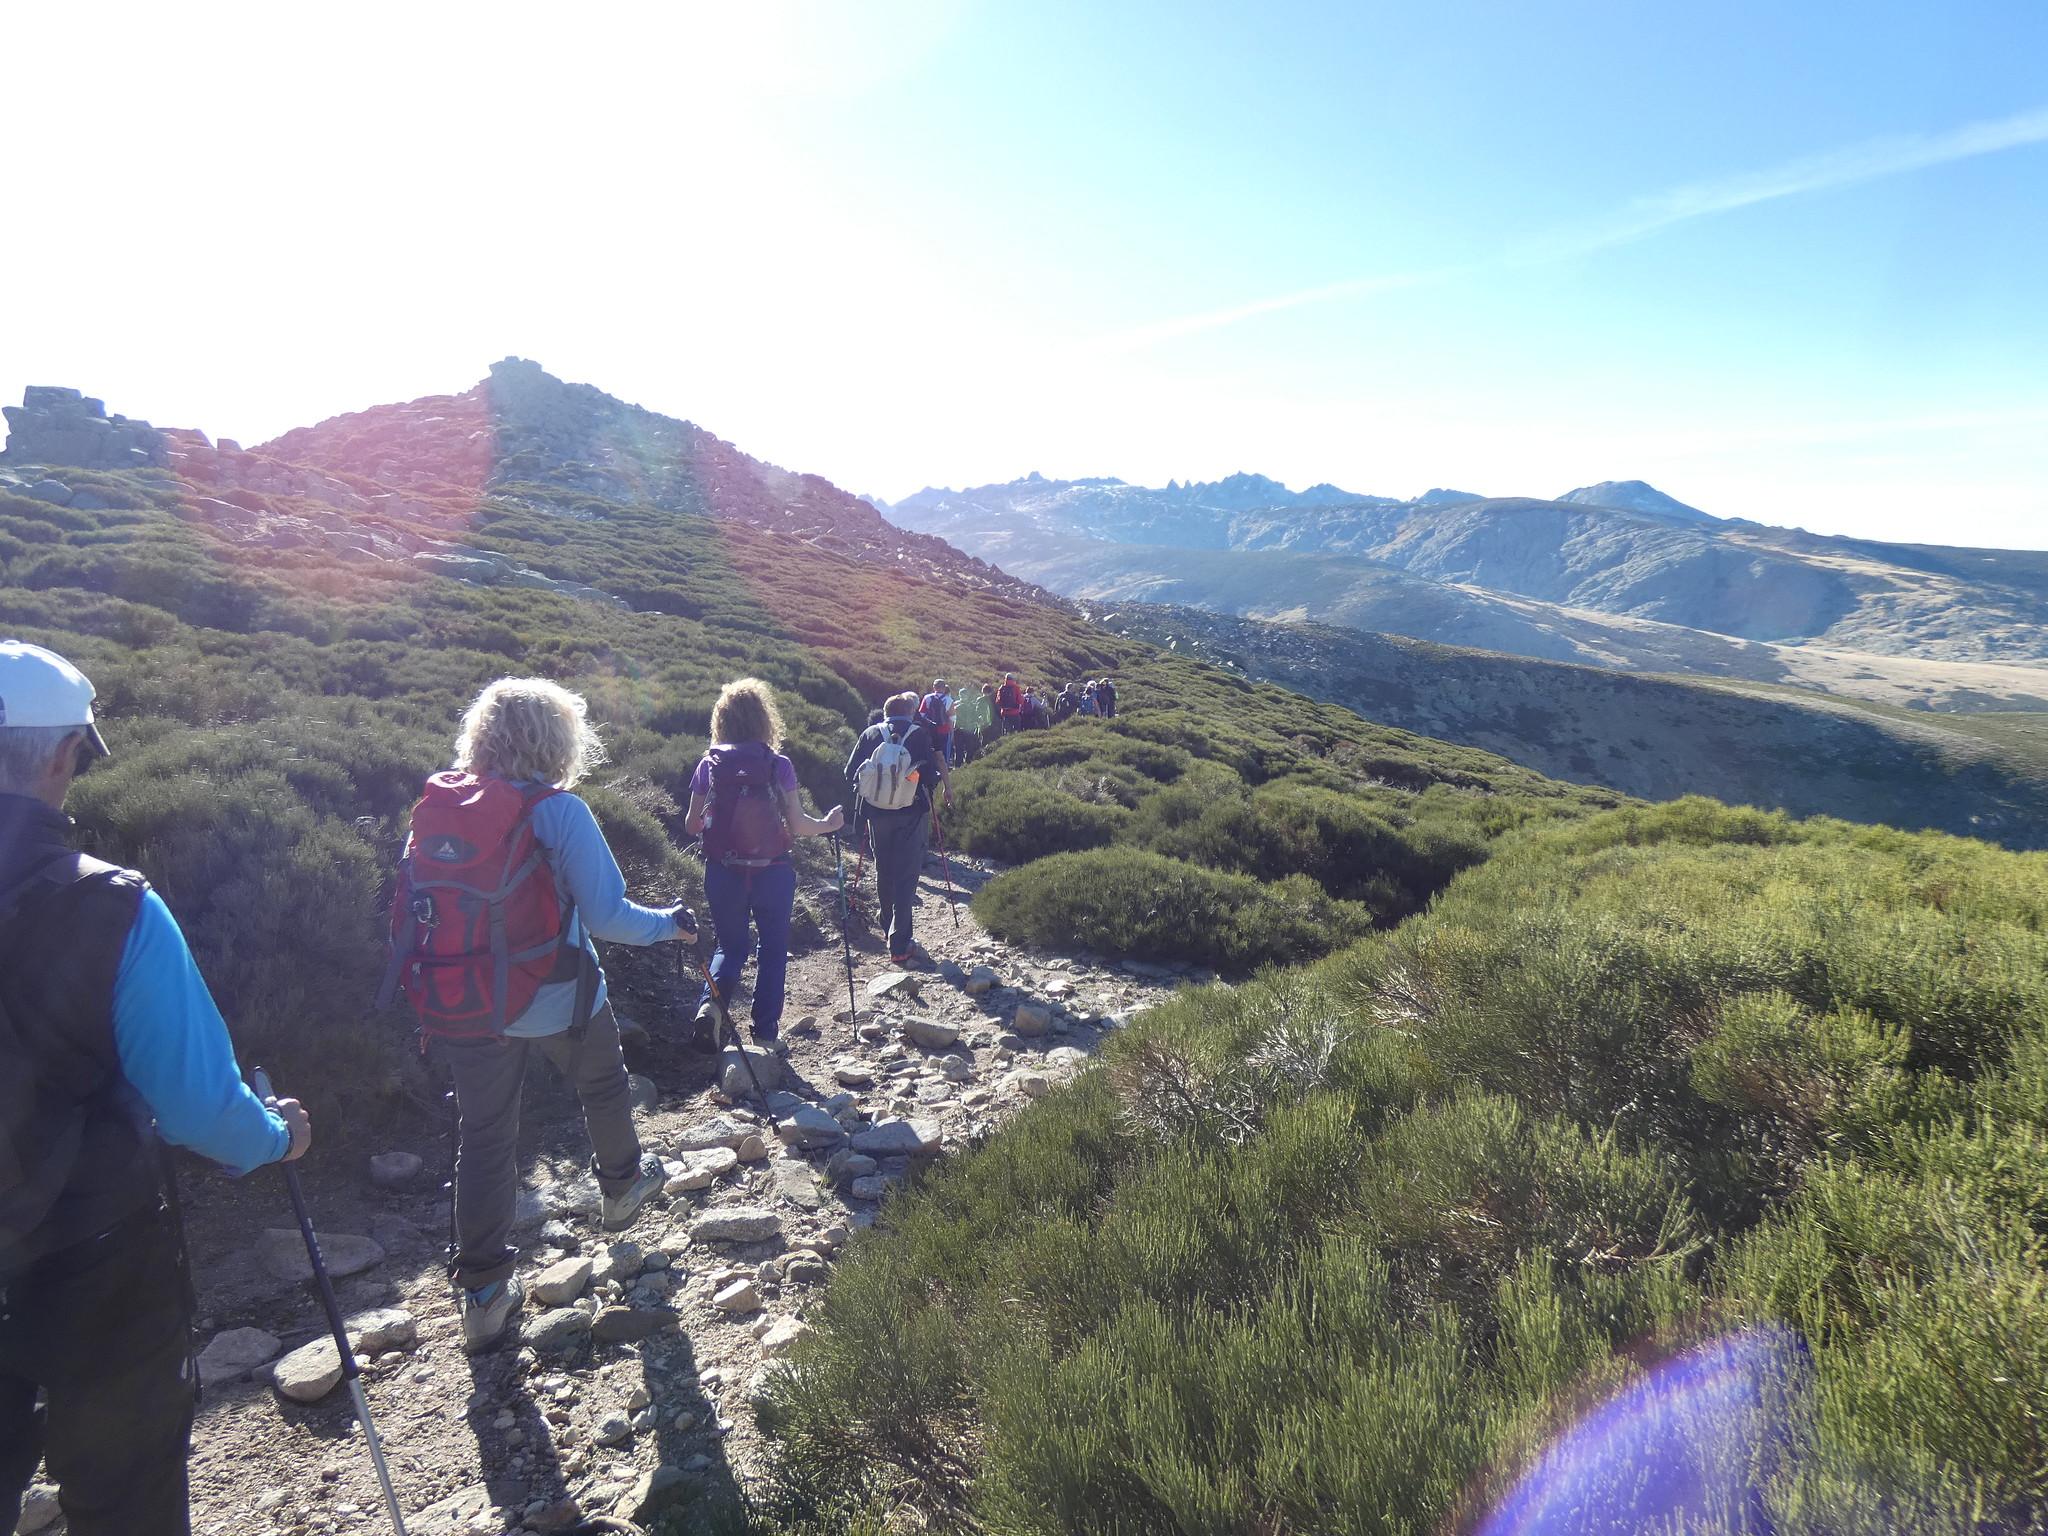 MARCHA-0570 Pico de la Mira Circo de Gredos Senderismo Sermar